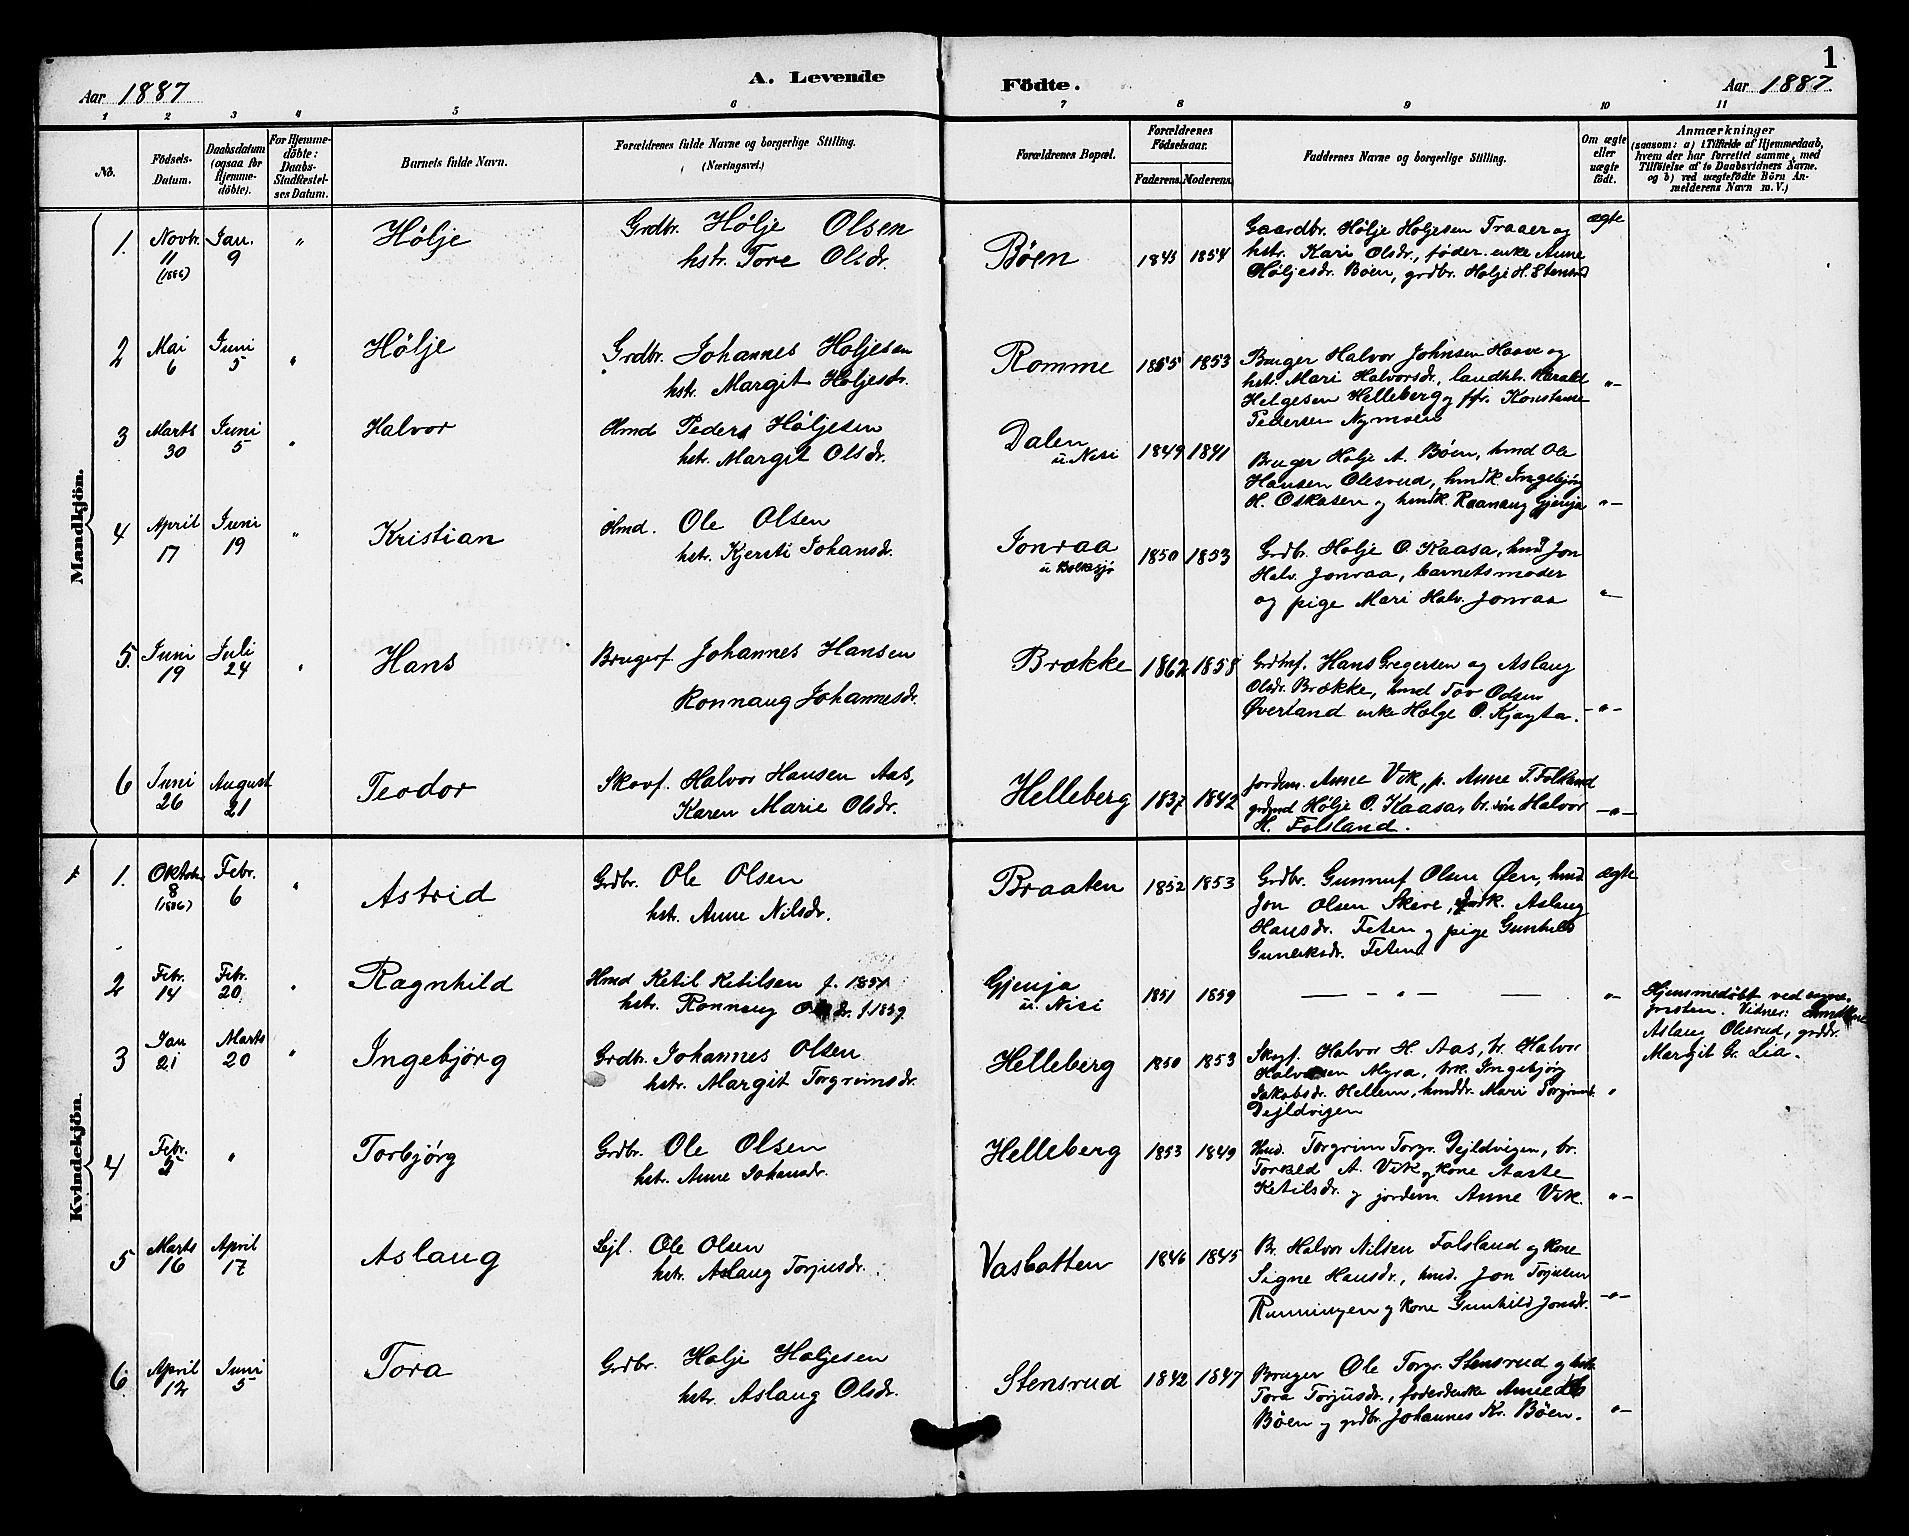 SAKO, Gransherad kirkebøker, G/Ga/L0003: Klokkerbok nr. I 3, 1887-1915, s. 1